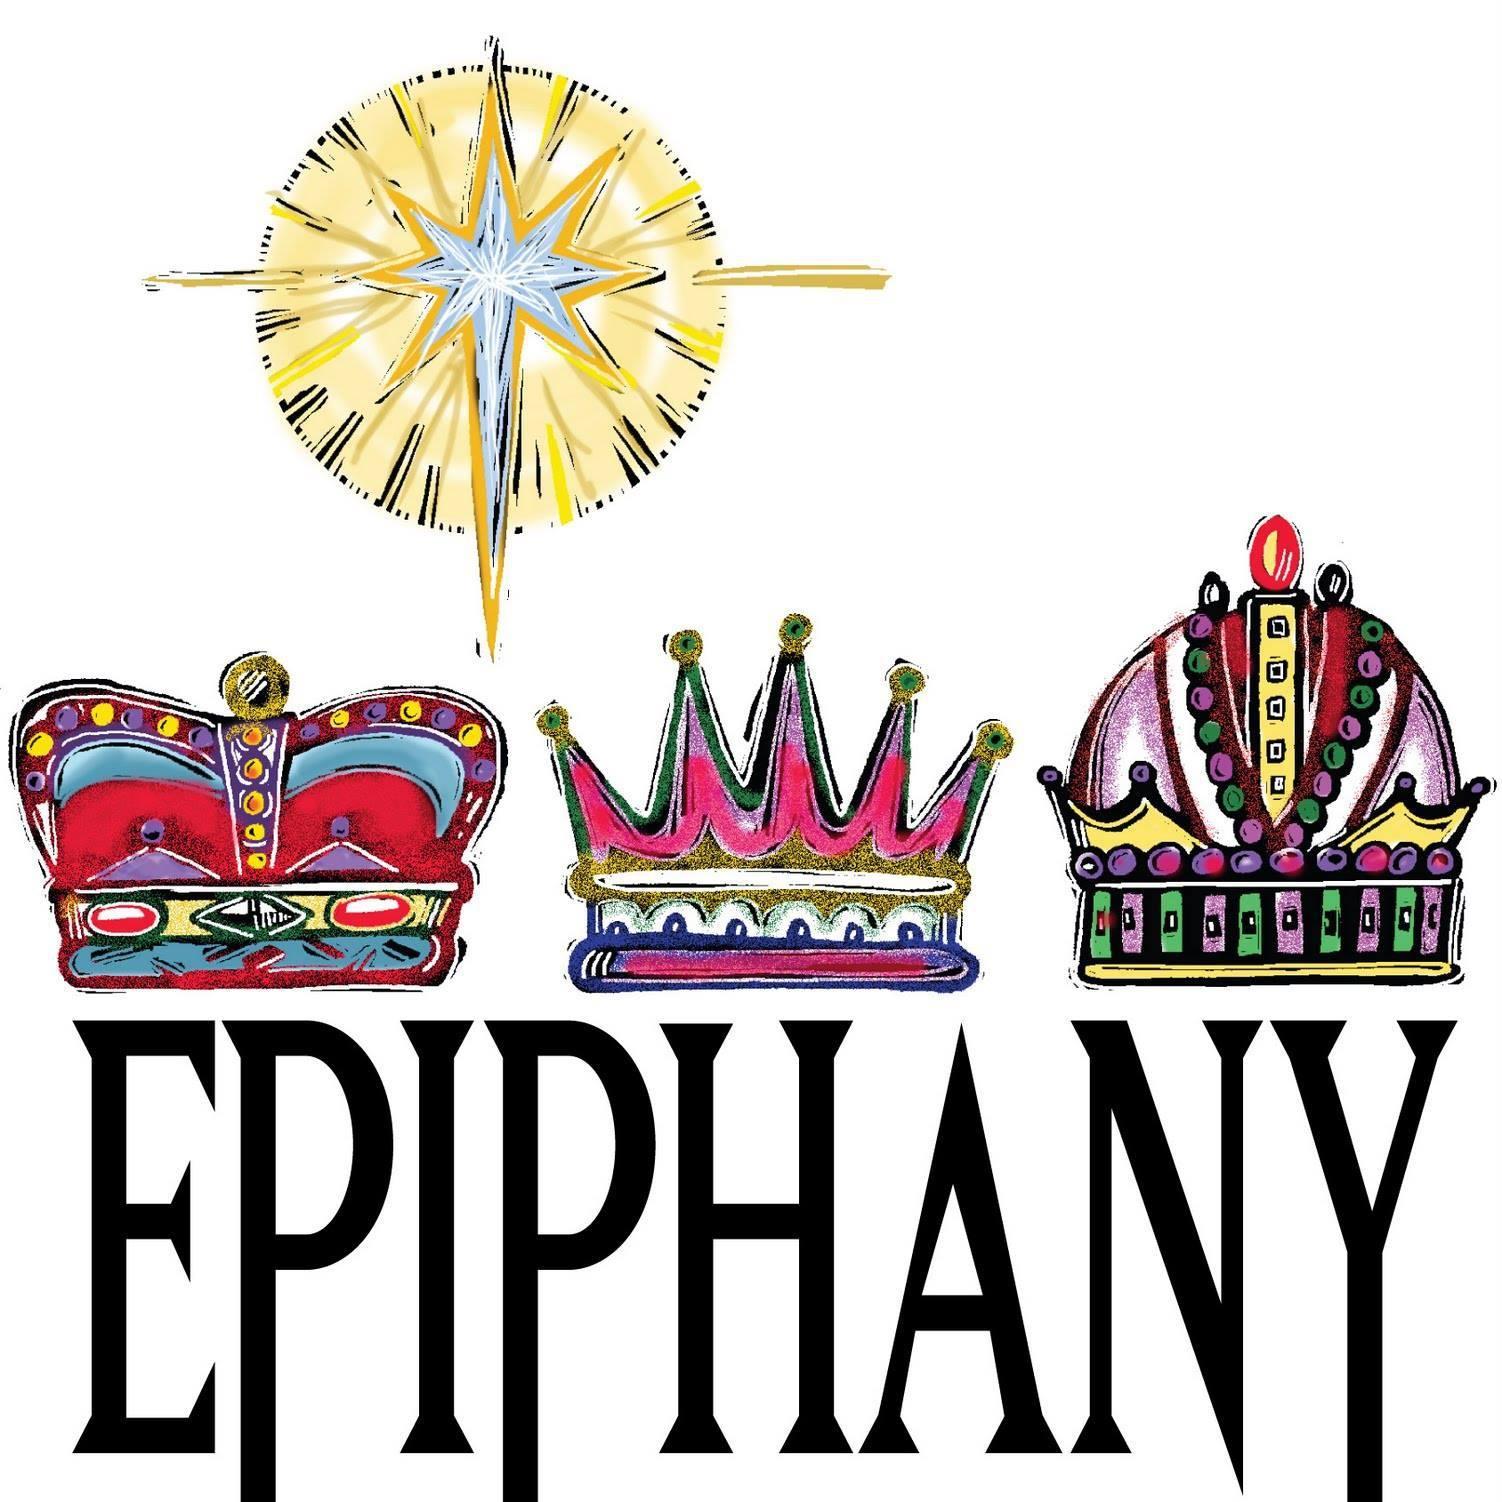 1502x1502 Holy Family Duxbury Epiphany